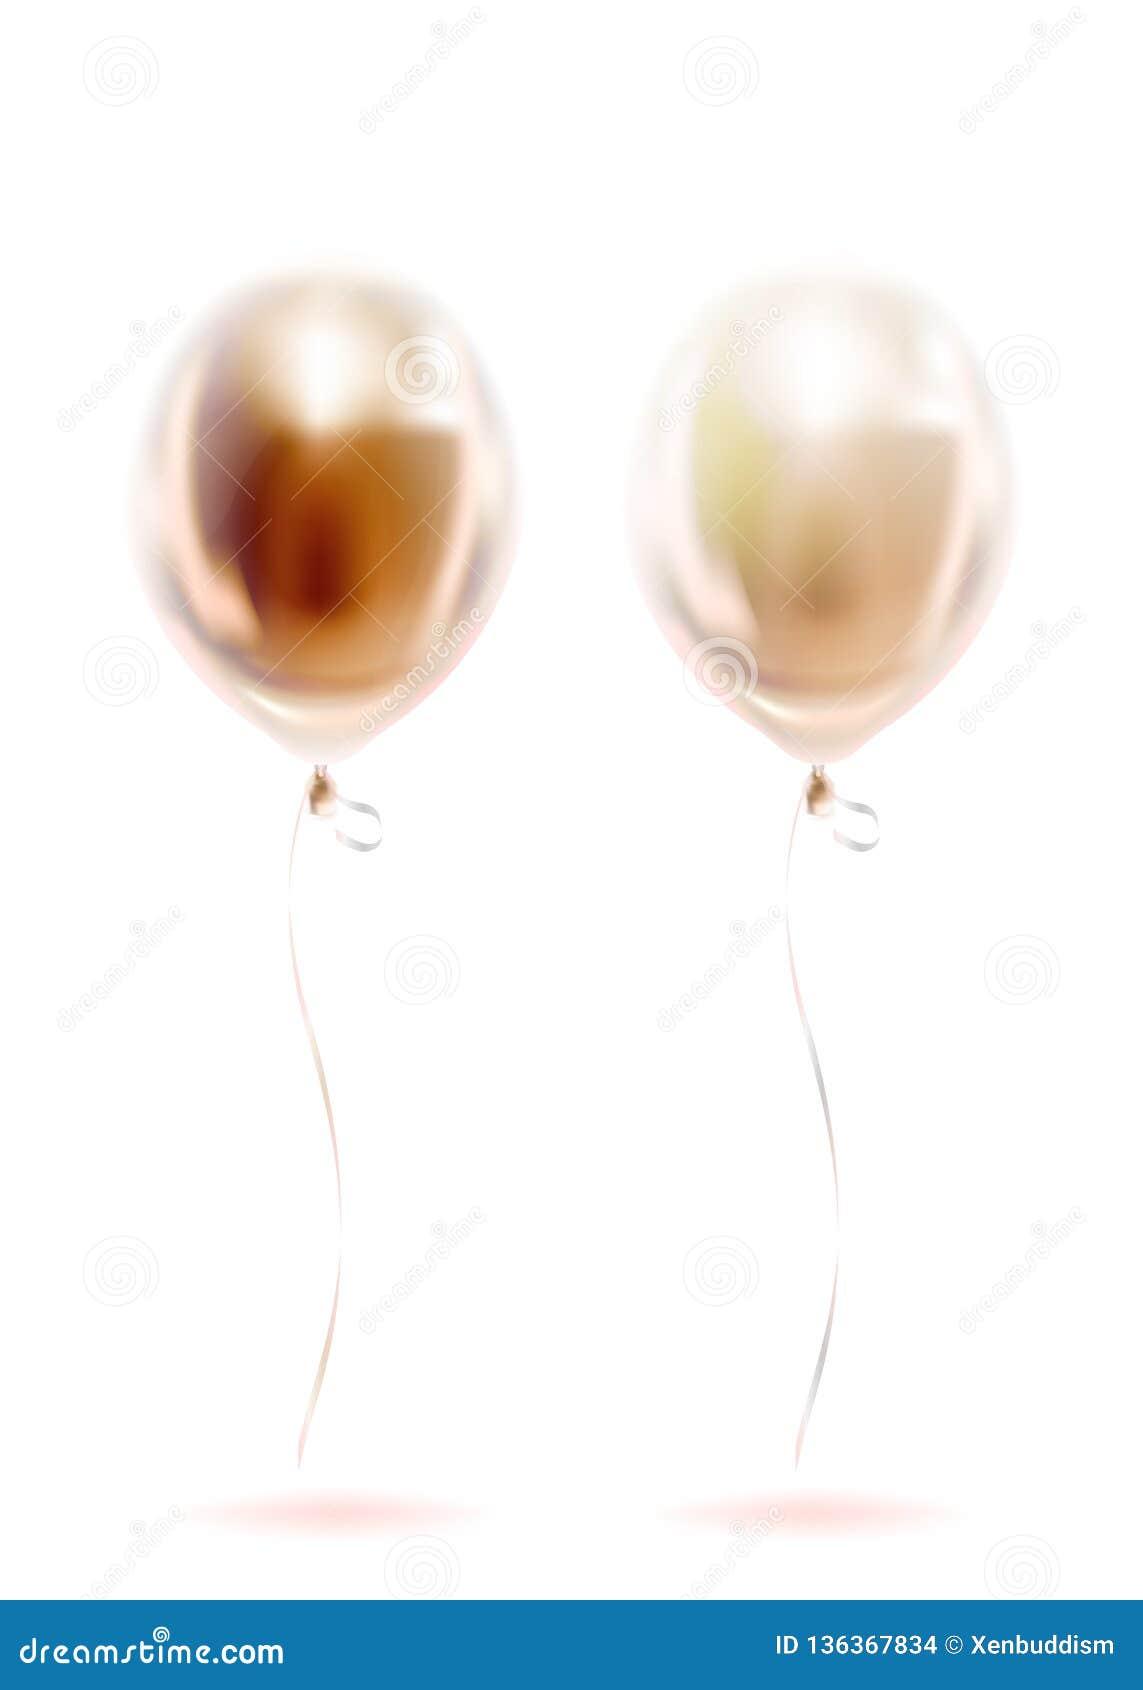 Воздушные шары сусального золота пинка прозрачные, золотая сфера Торжество дня рождения изображения, социальная партия и все собы